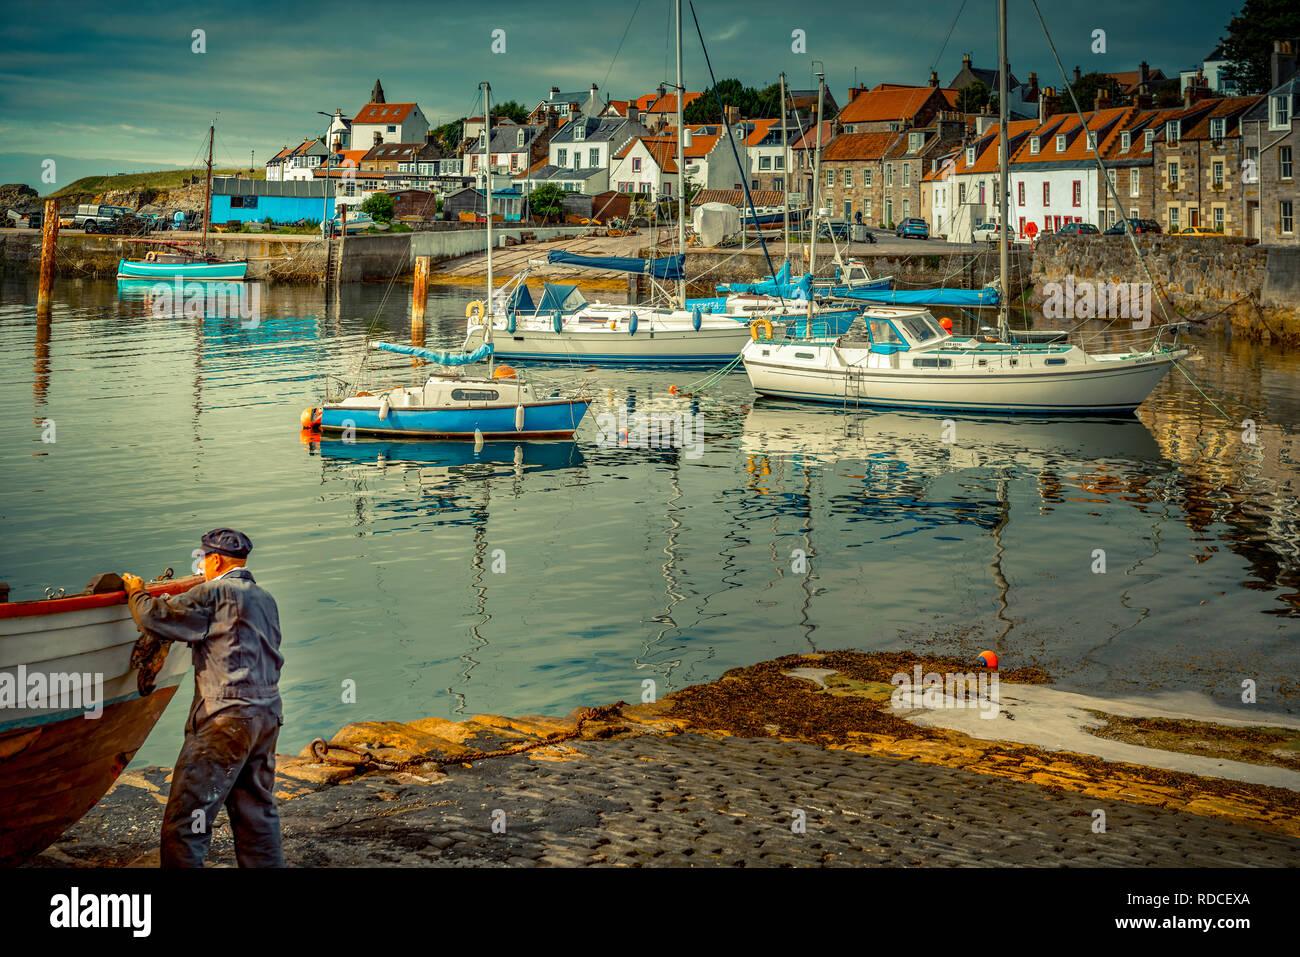 Europa, Großbritannien, Schottland, Küste, Küstenwanderweg, Fife Coastal Path, St. Monans, Hafen, Boot, Fischer Stock Photo